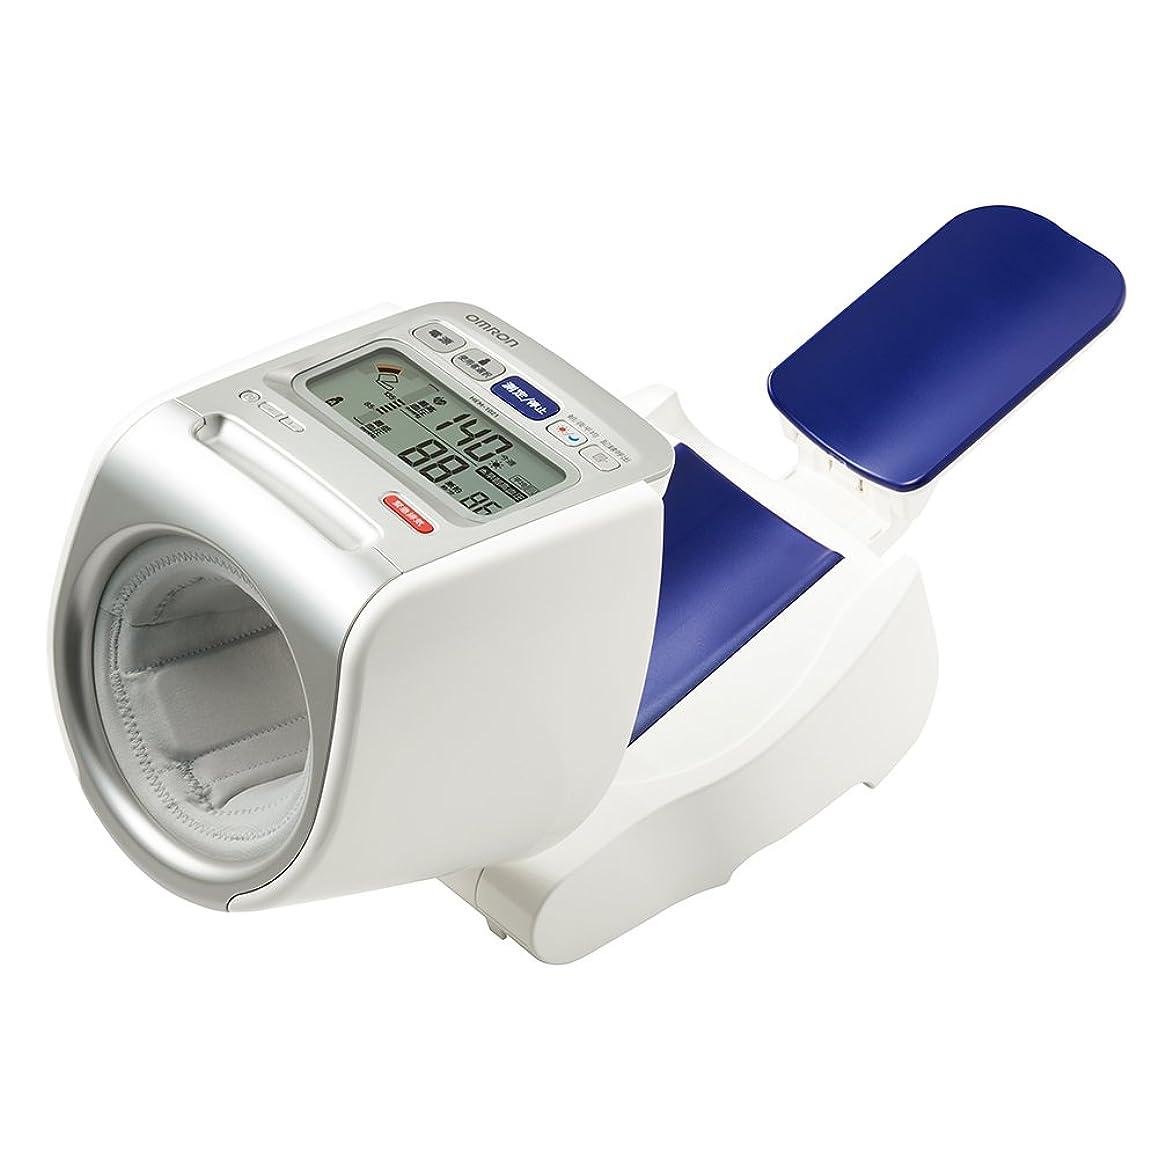 平日標準不規則なオムロン 血圧計 上腕式 全自動タイプ HEM-1021